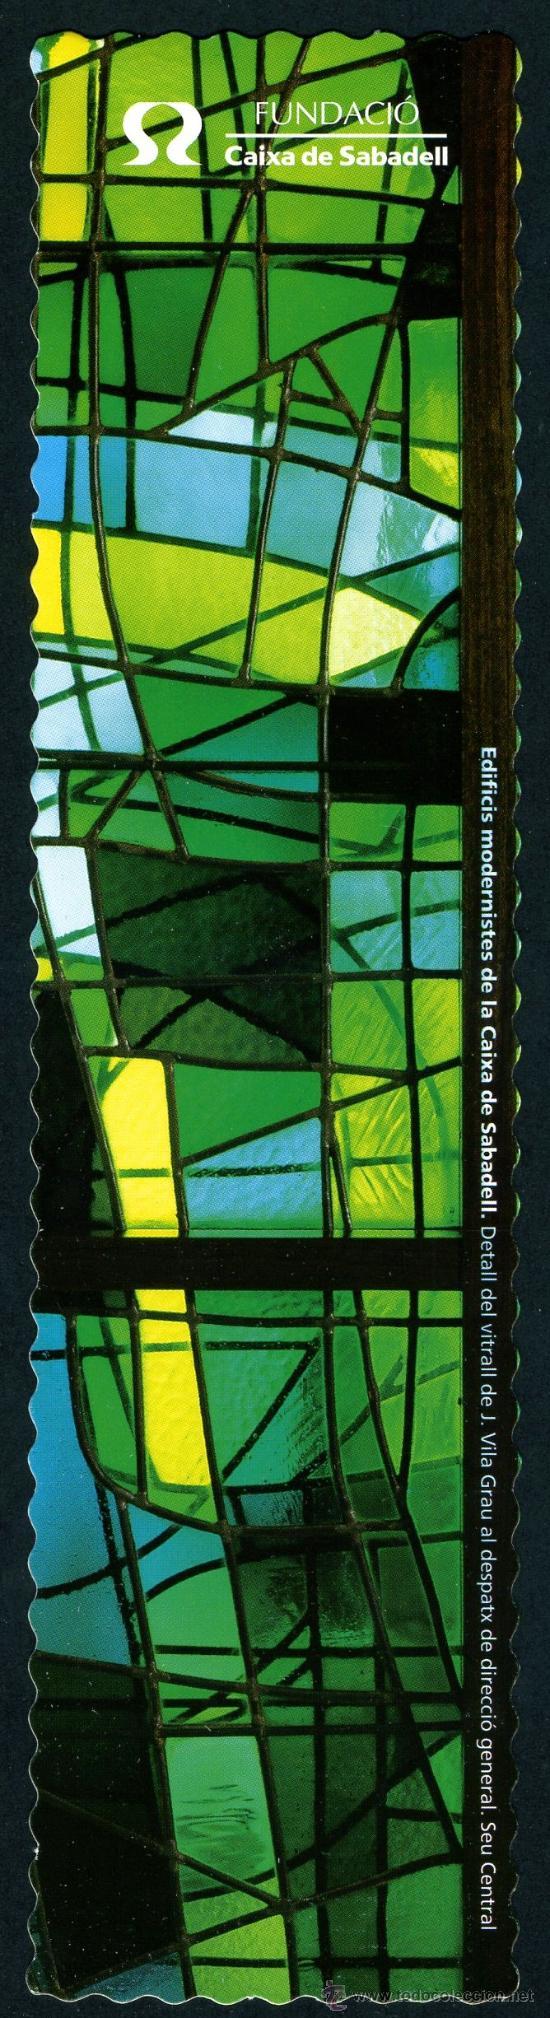 MARCAPÁGINAS – CAIXA SABADELL 2001 (Coleccionismo - Marcapáginas)